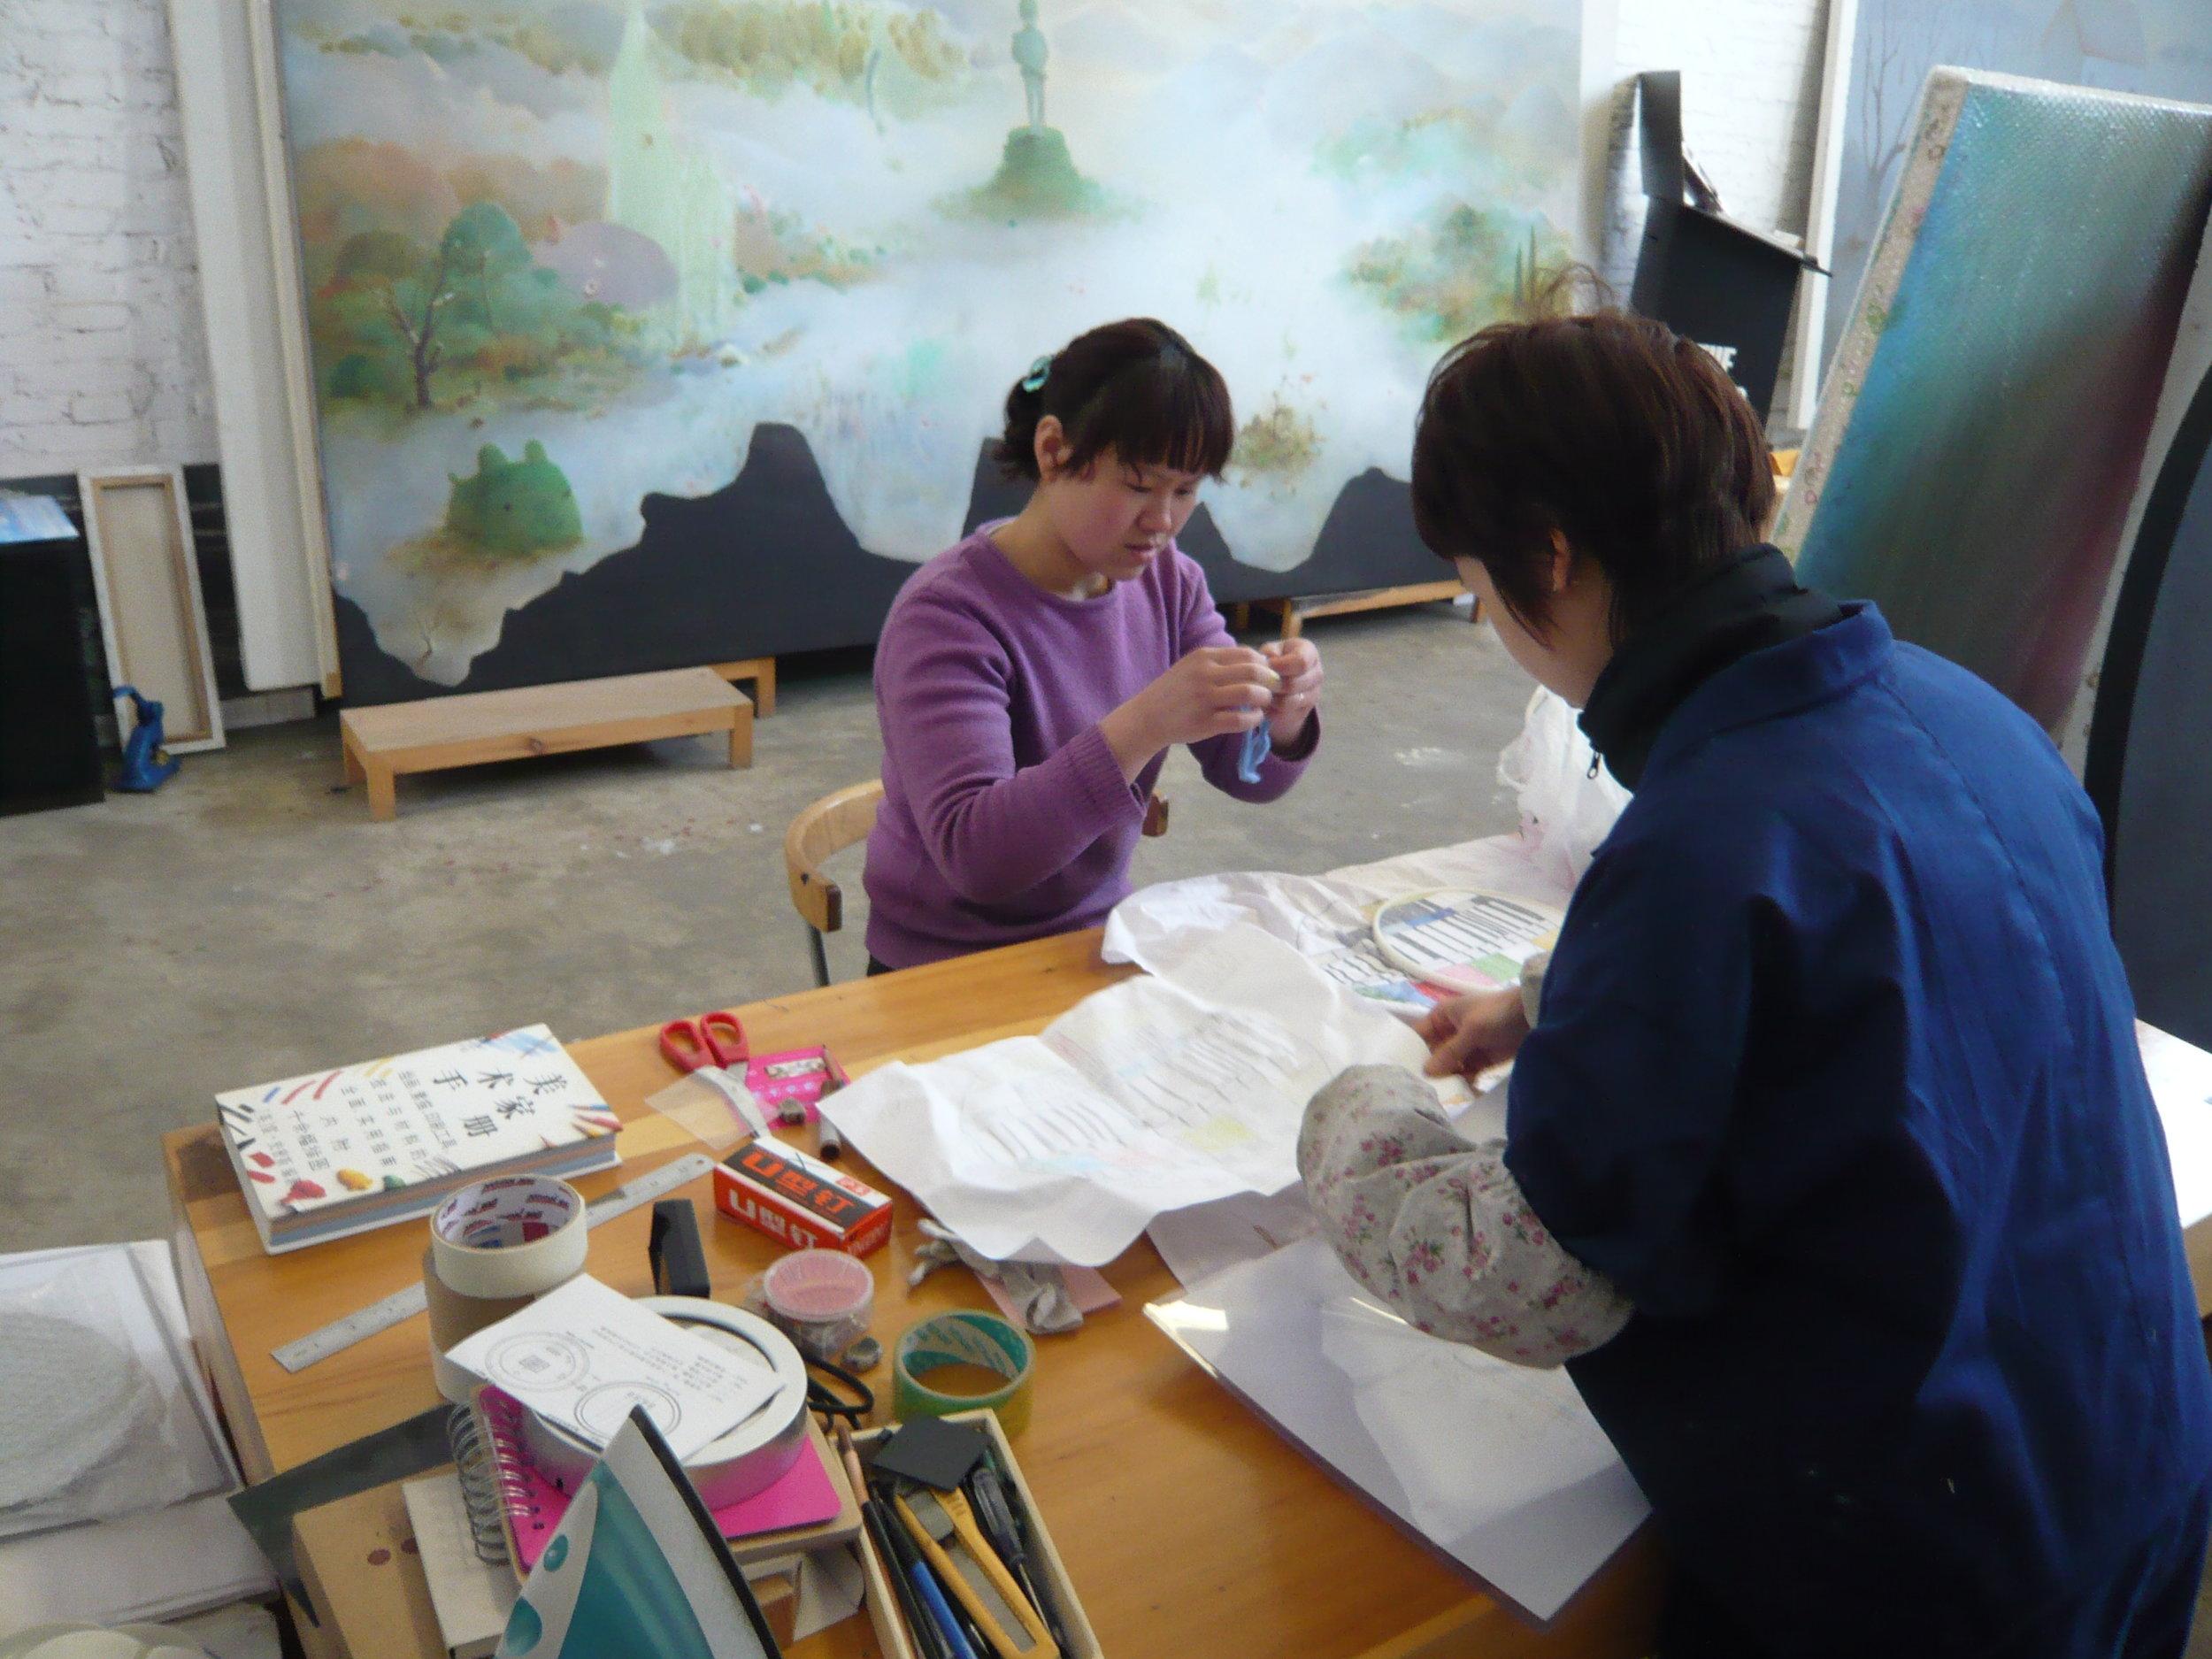 meeting in the artist's studio